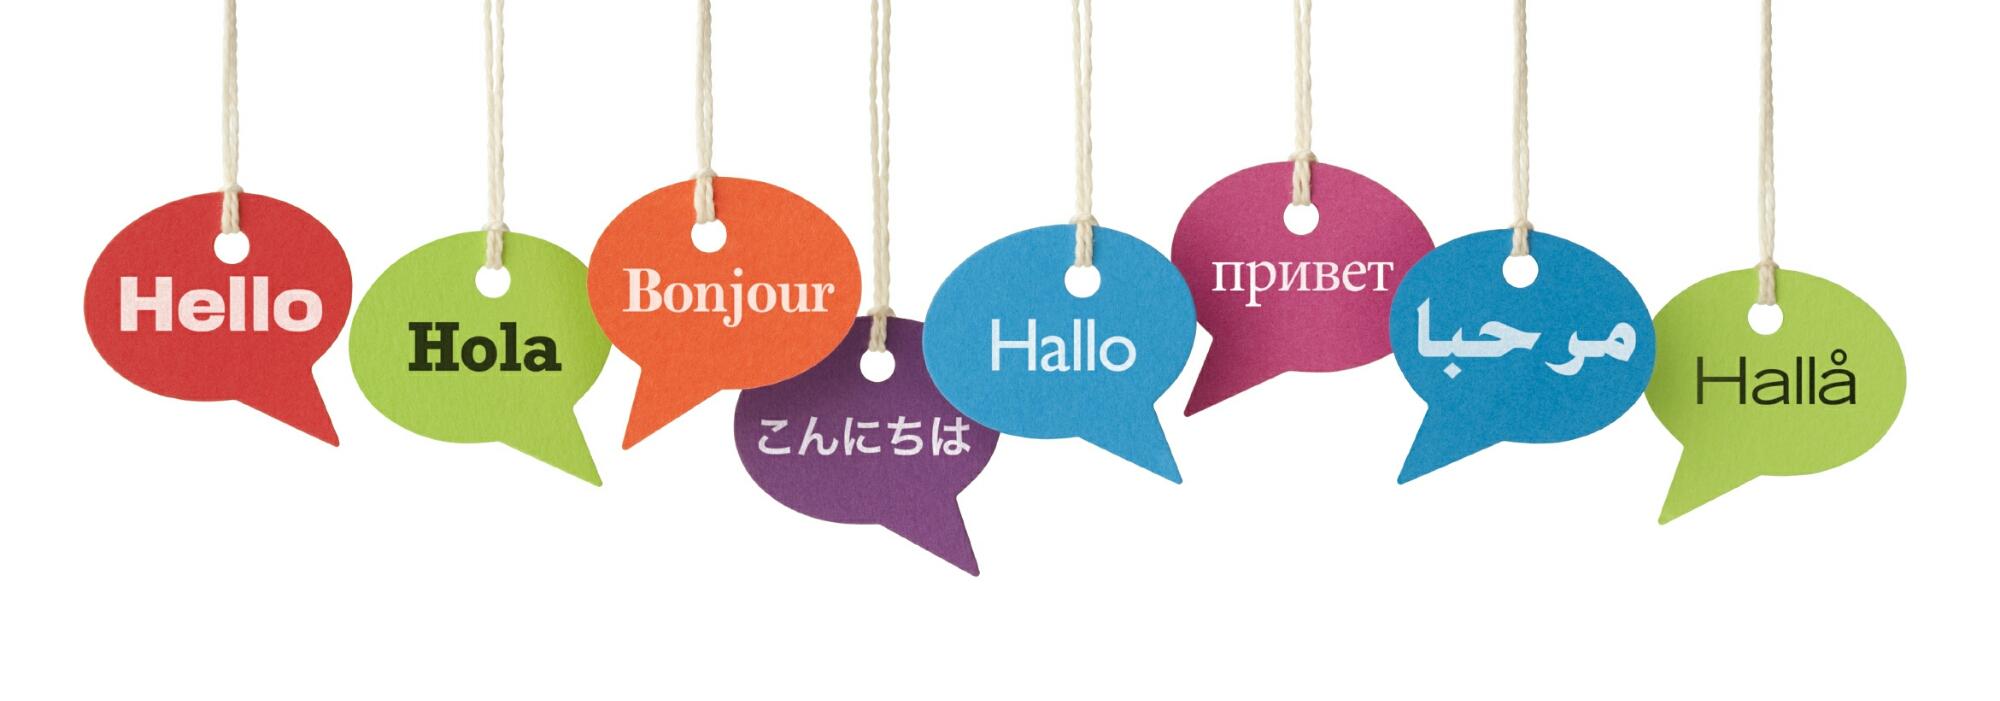 Bildergebnis für speaking the same language images